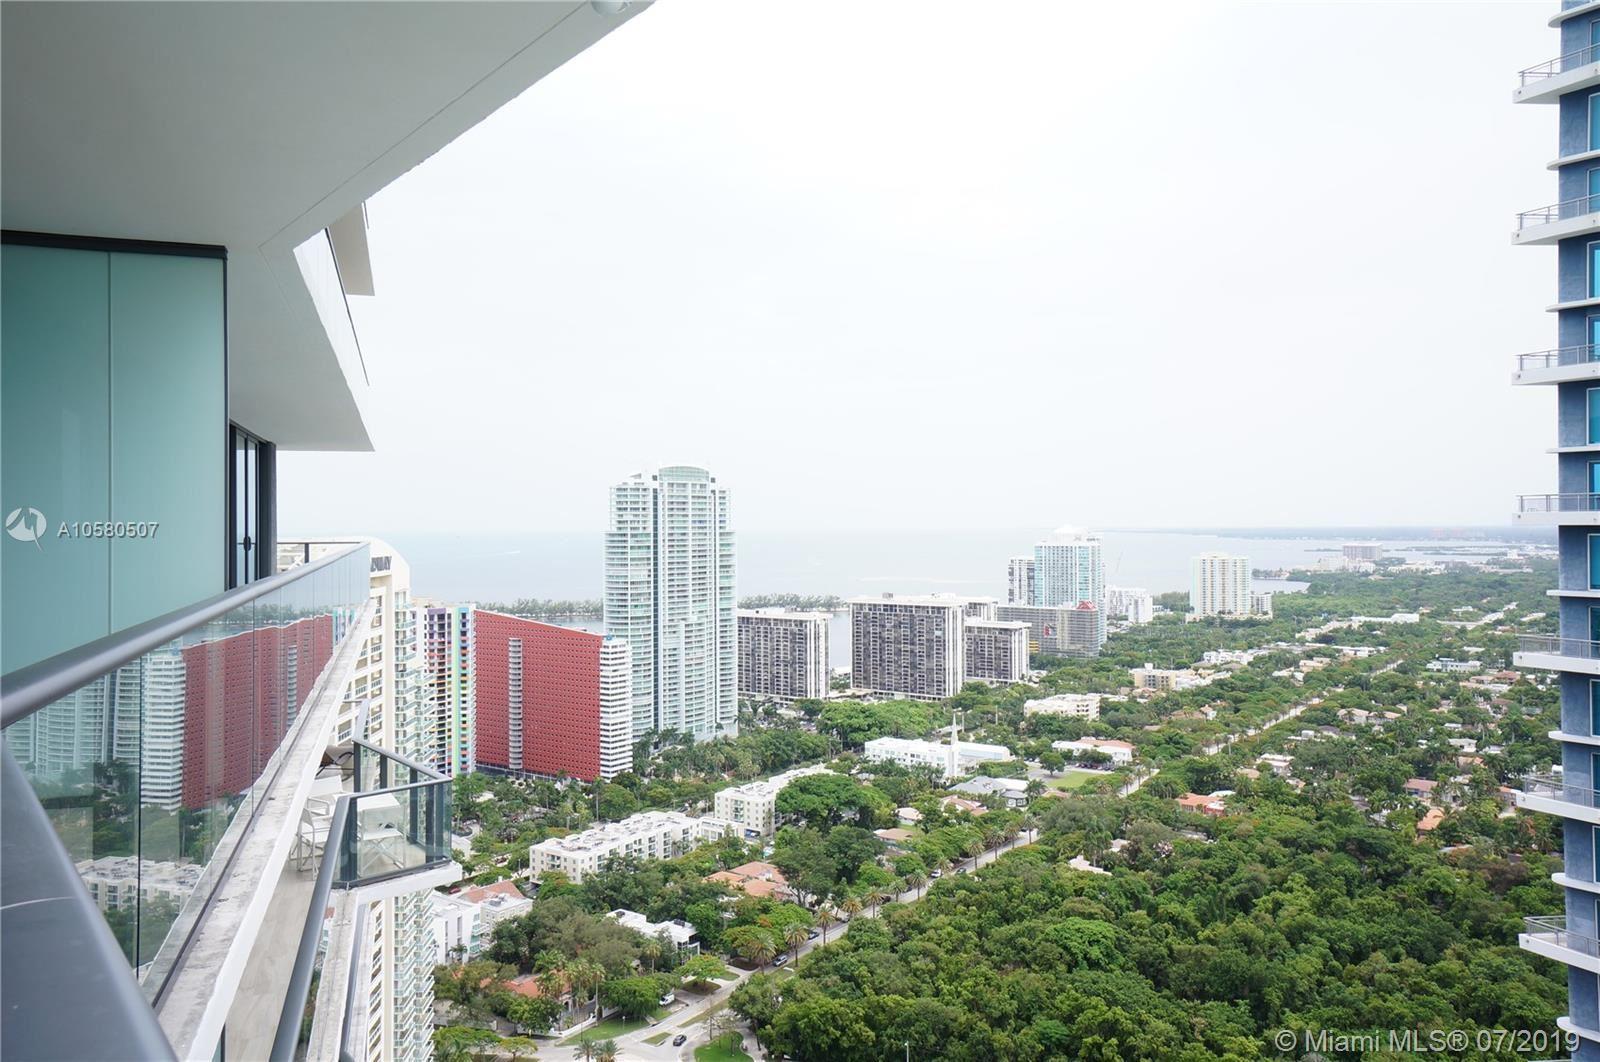 1300 S Miami Ave. #3907, Miami, FL 33130 - #: A10580507